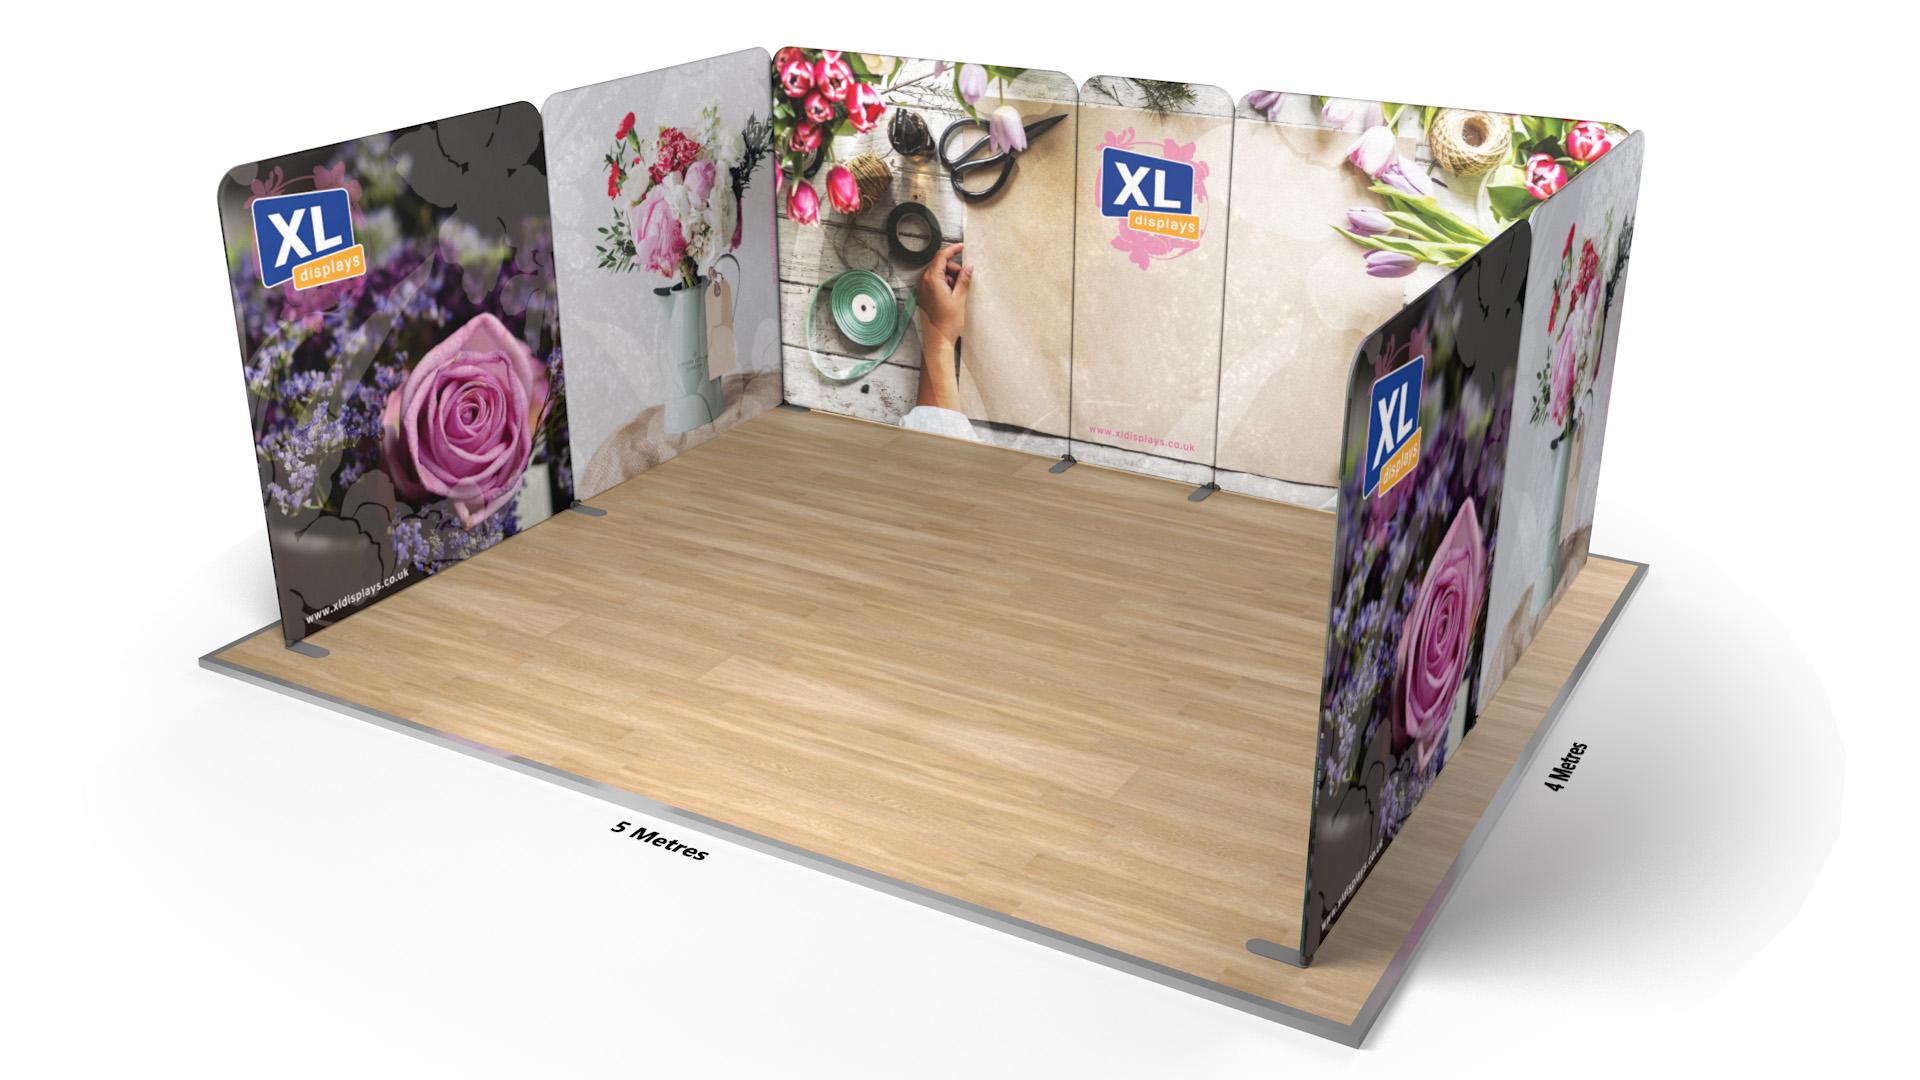 Modulate<sup>™</sup> 5m x 4m U-Shaped Stretch Fabric Displays